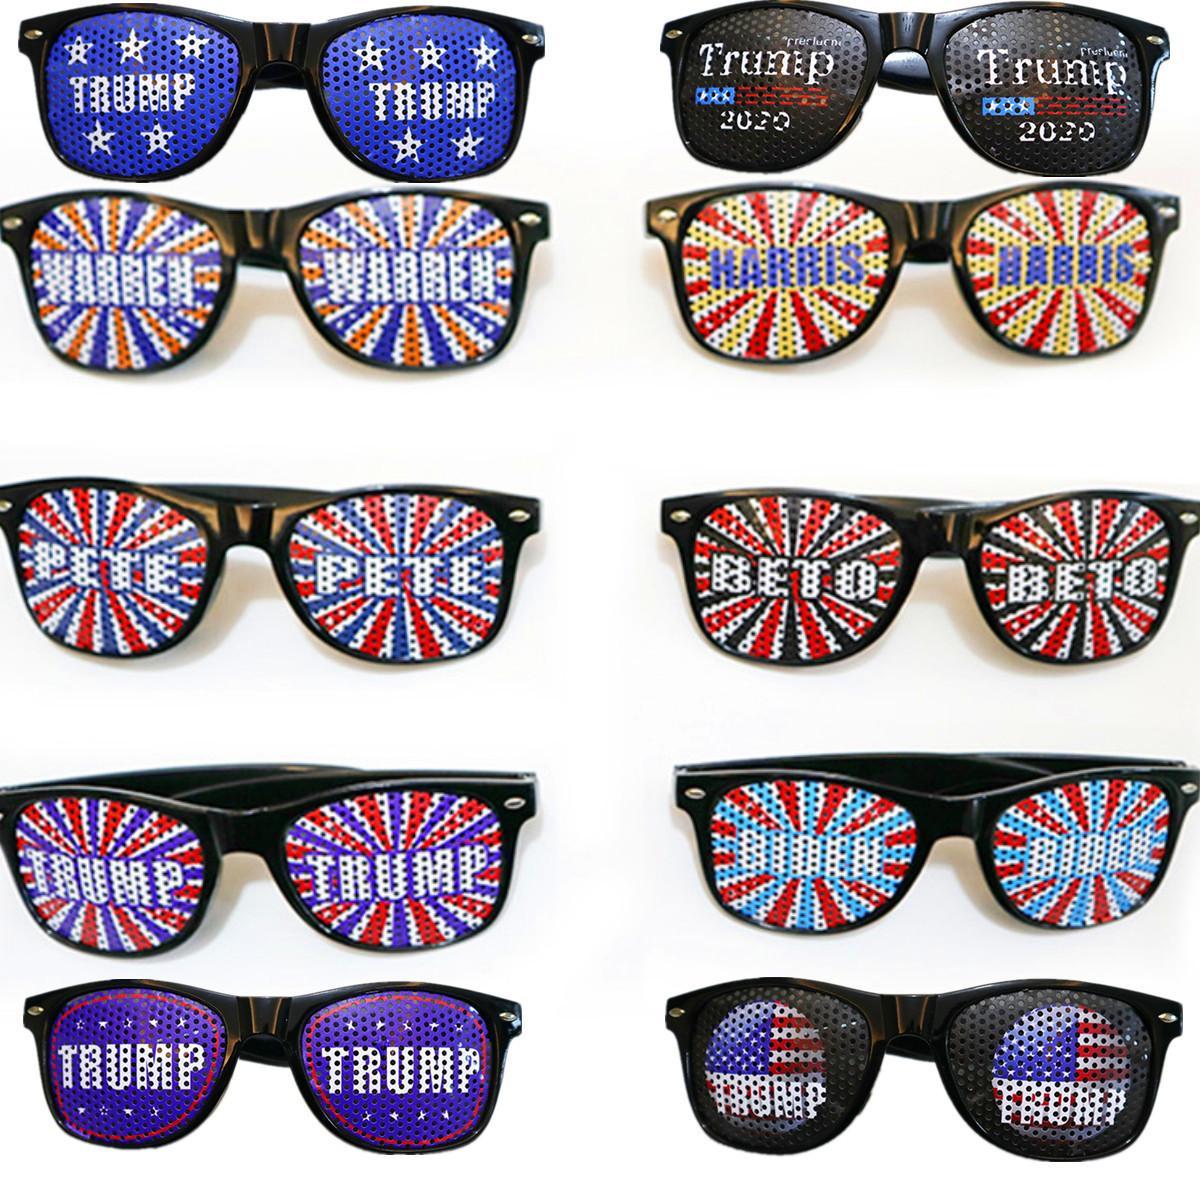 Дизайн Солнцезащитные очки Donald Trump 2020 Очки Письмо печати Спорт Мода Прочный очки Открытый Путешествие Бич ВС Очки Америка Great Hot